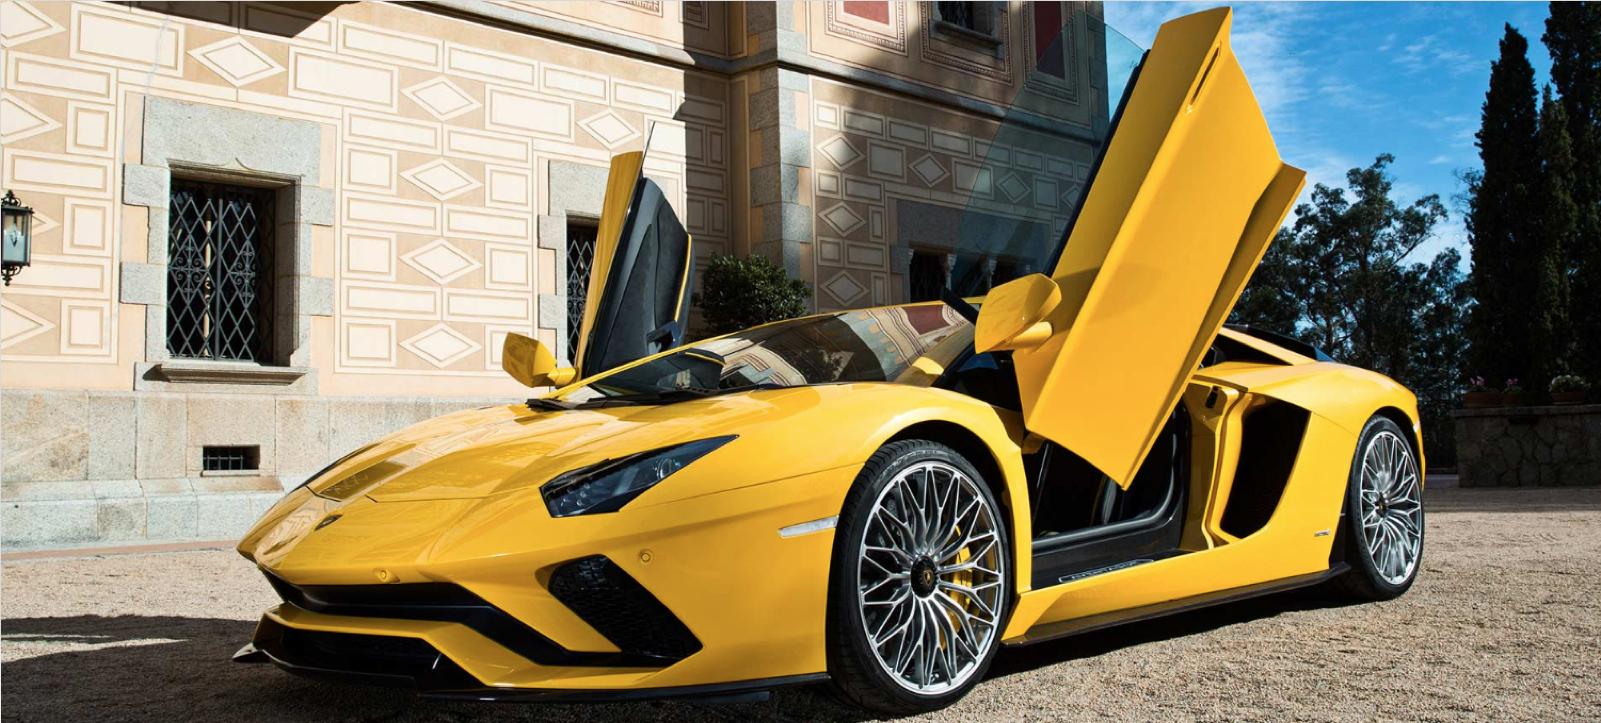 Land Rover Rancho Mirage >> Lamborghini's Iconic Aventador S - indiGO Auto Group Blog